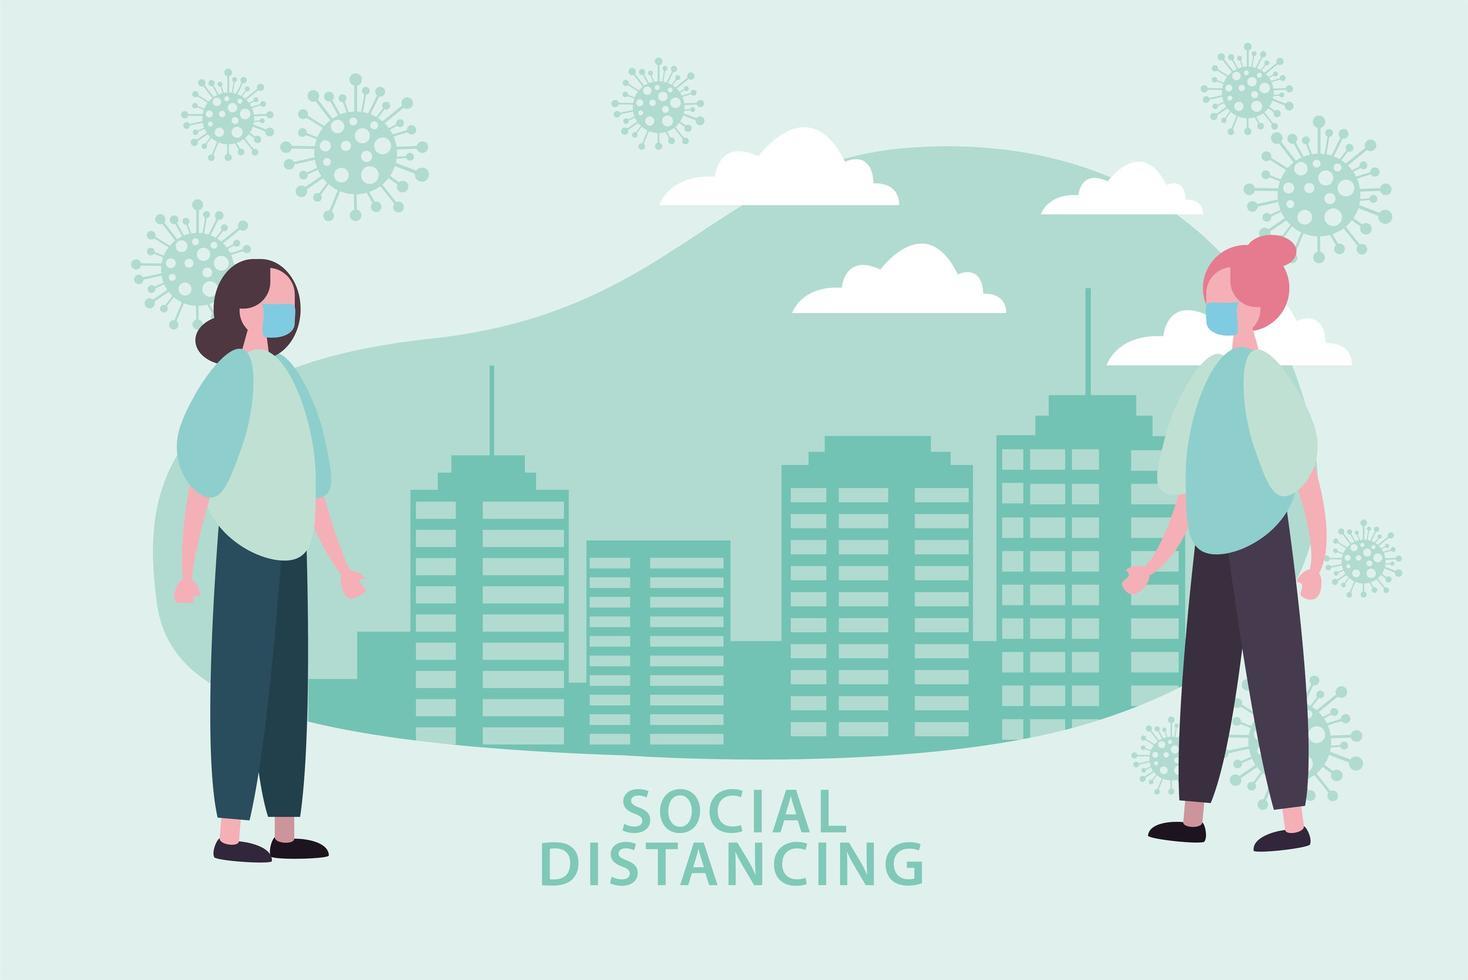 affiche de distanciation sociale avec des femmes masquées et des cellules à l'extérieur vecteur